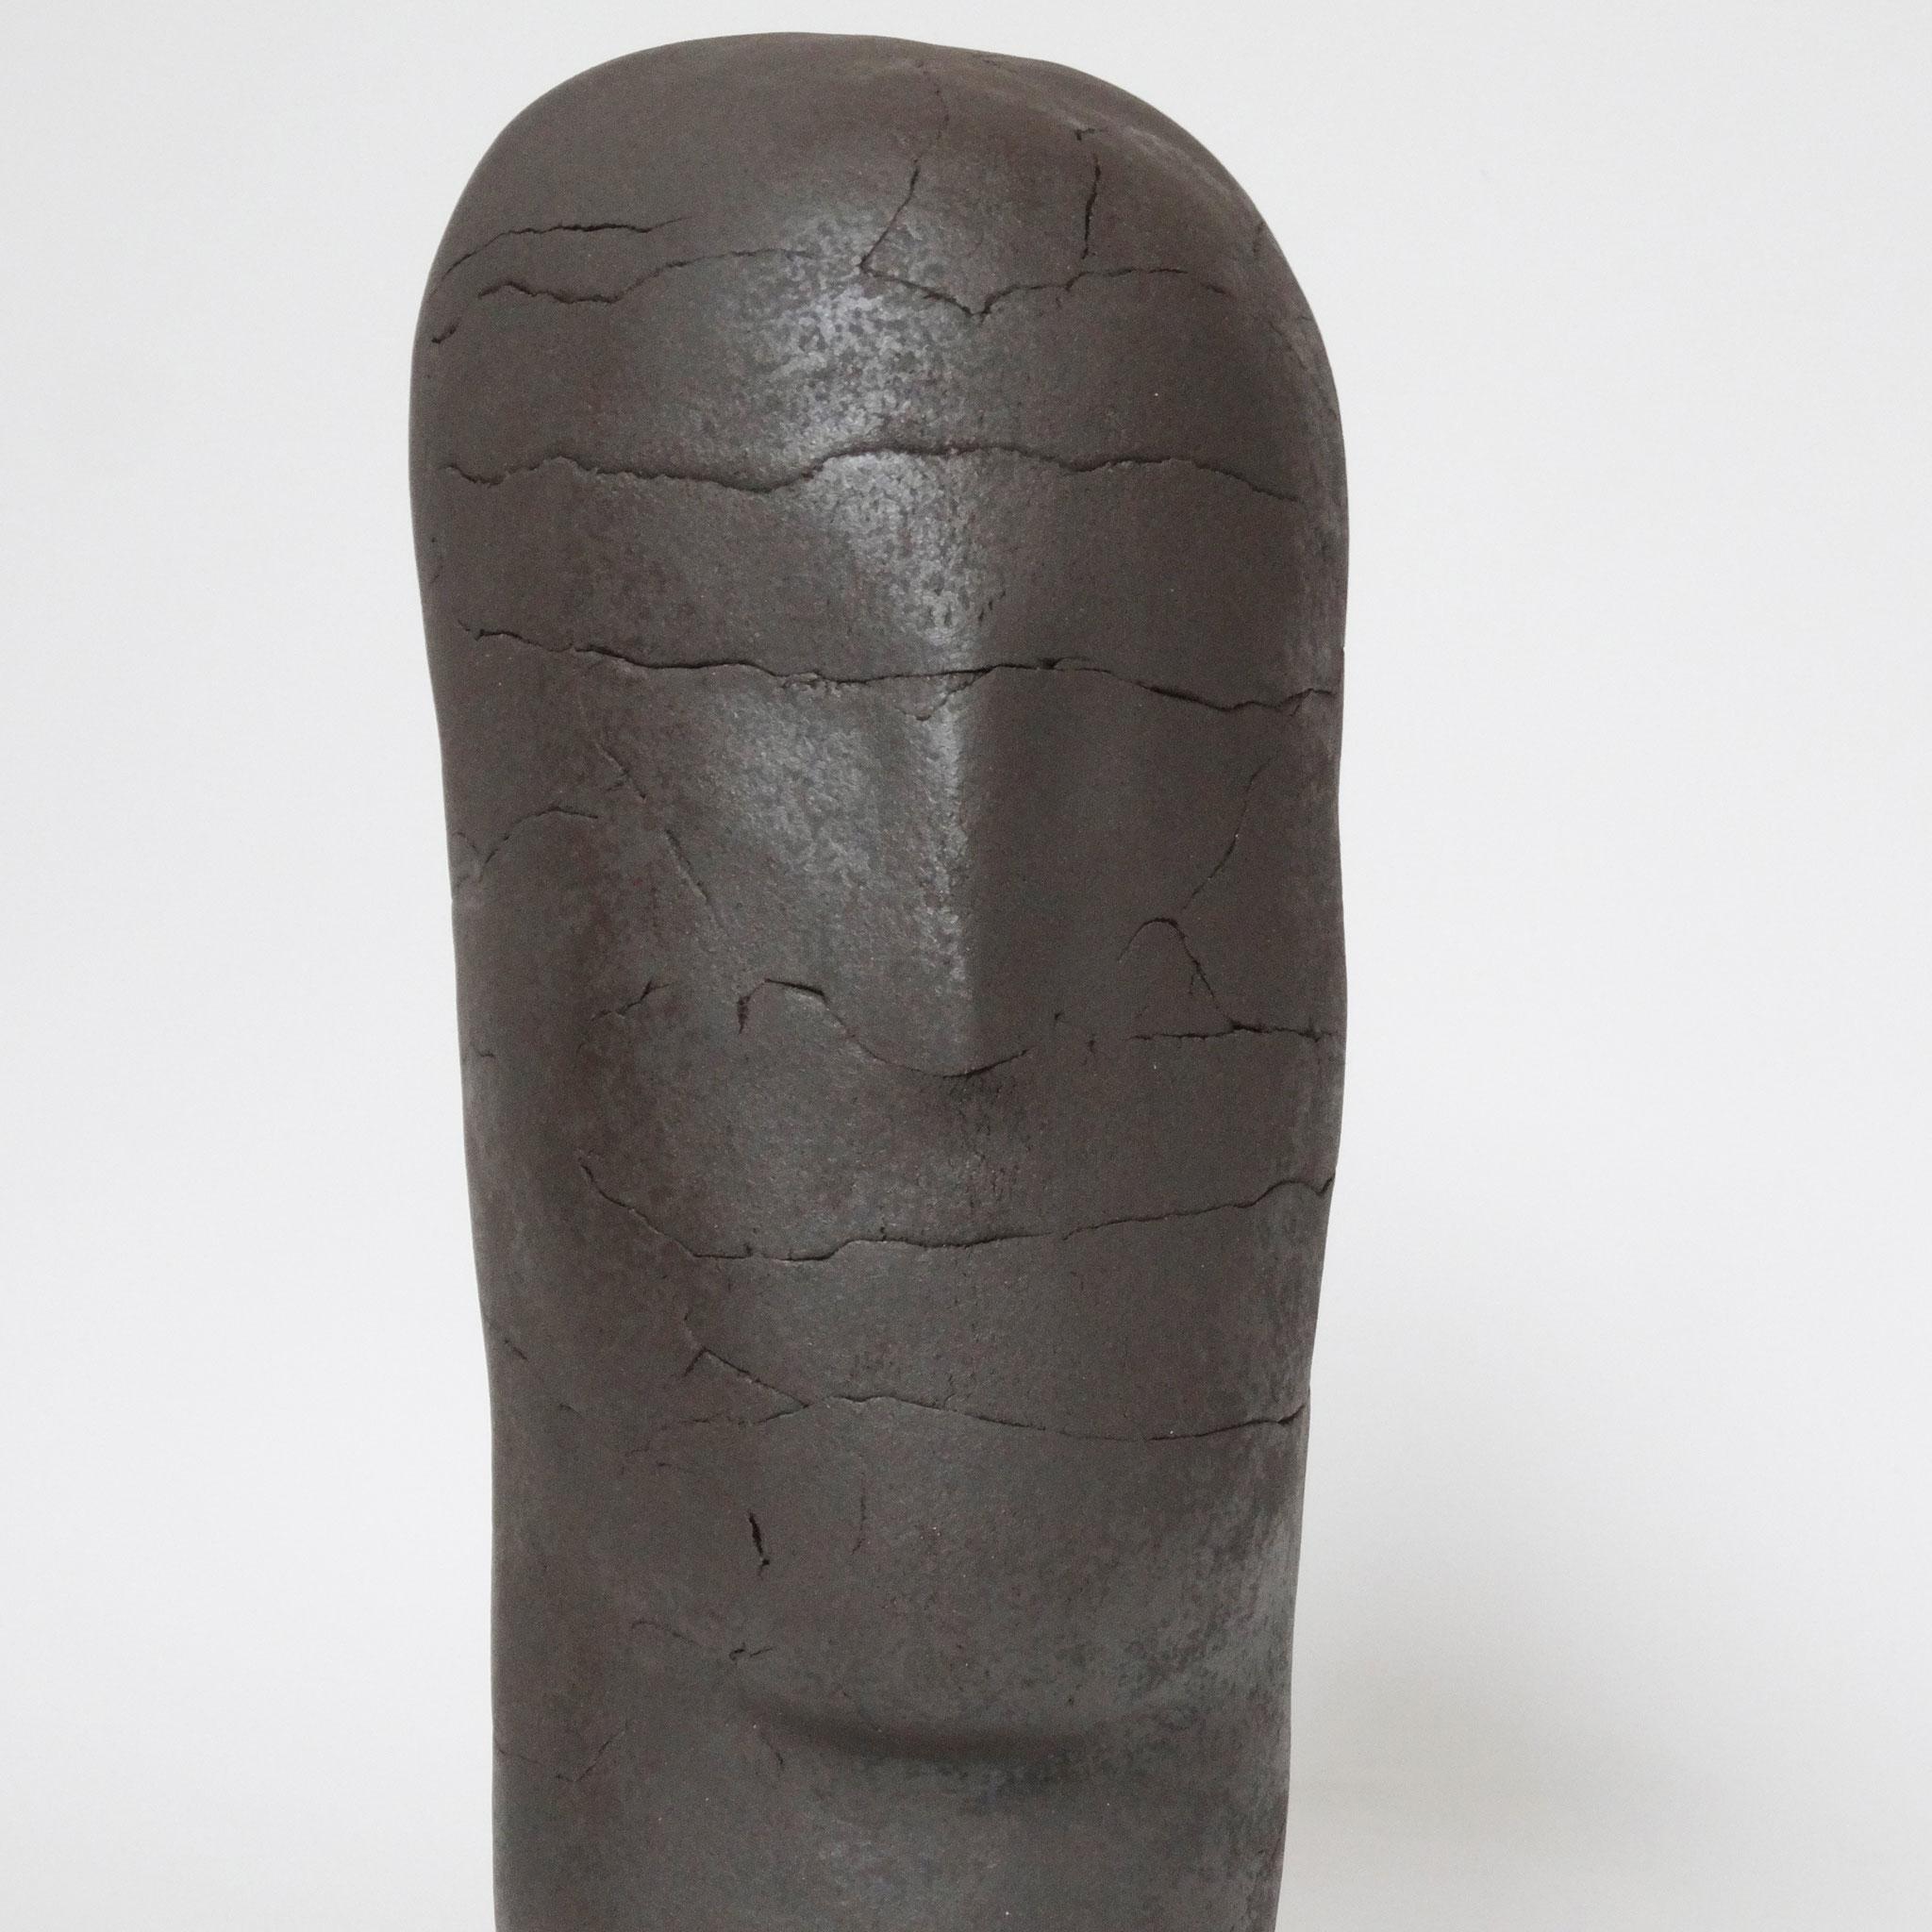 Sans titre (2016), céramique, 43x18x23,5 cm sculpture de Magdalena Kopacz.